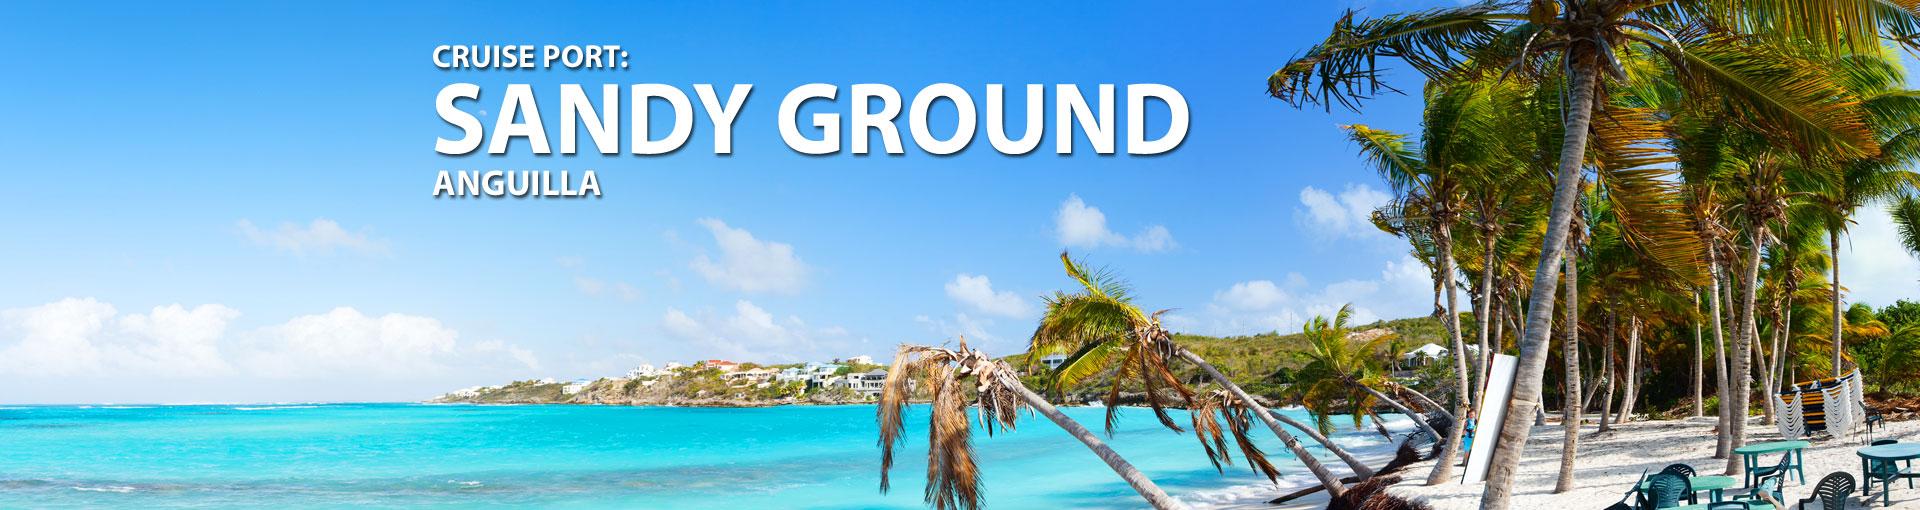 Cruises to Sandy Ground, Anguilla